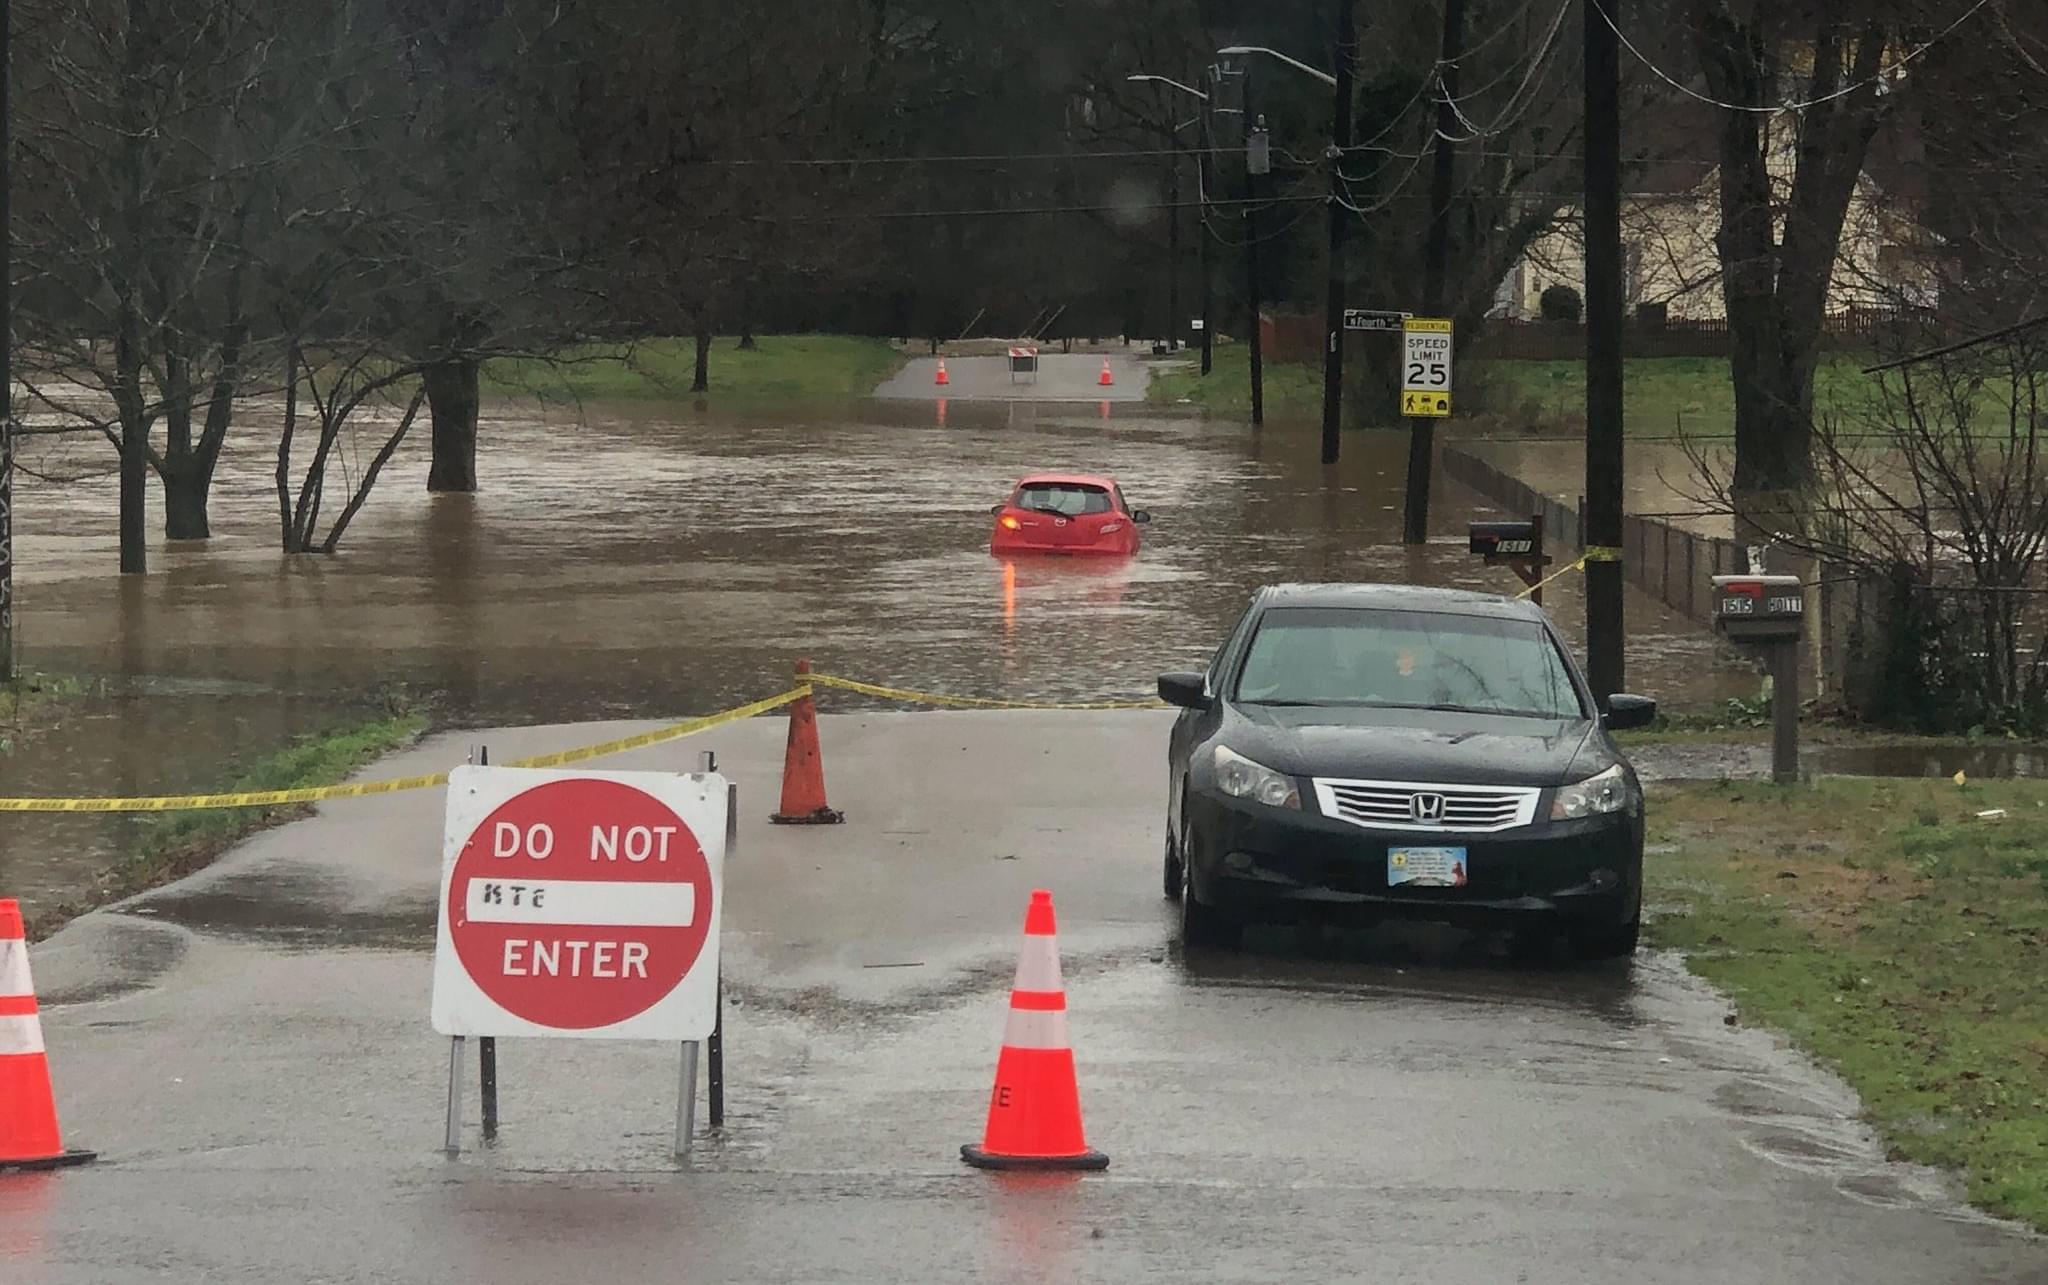 Flooding Concerns Again Ahead of Rains this Week